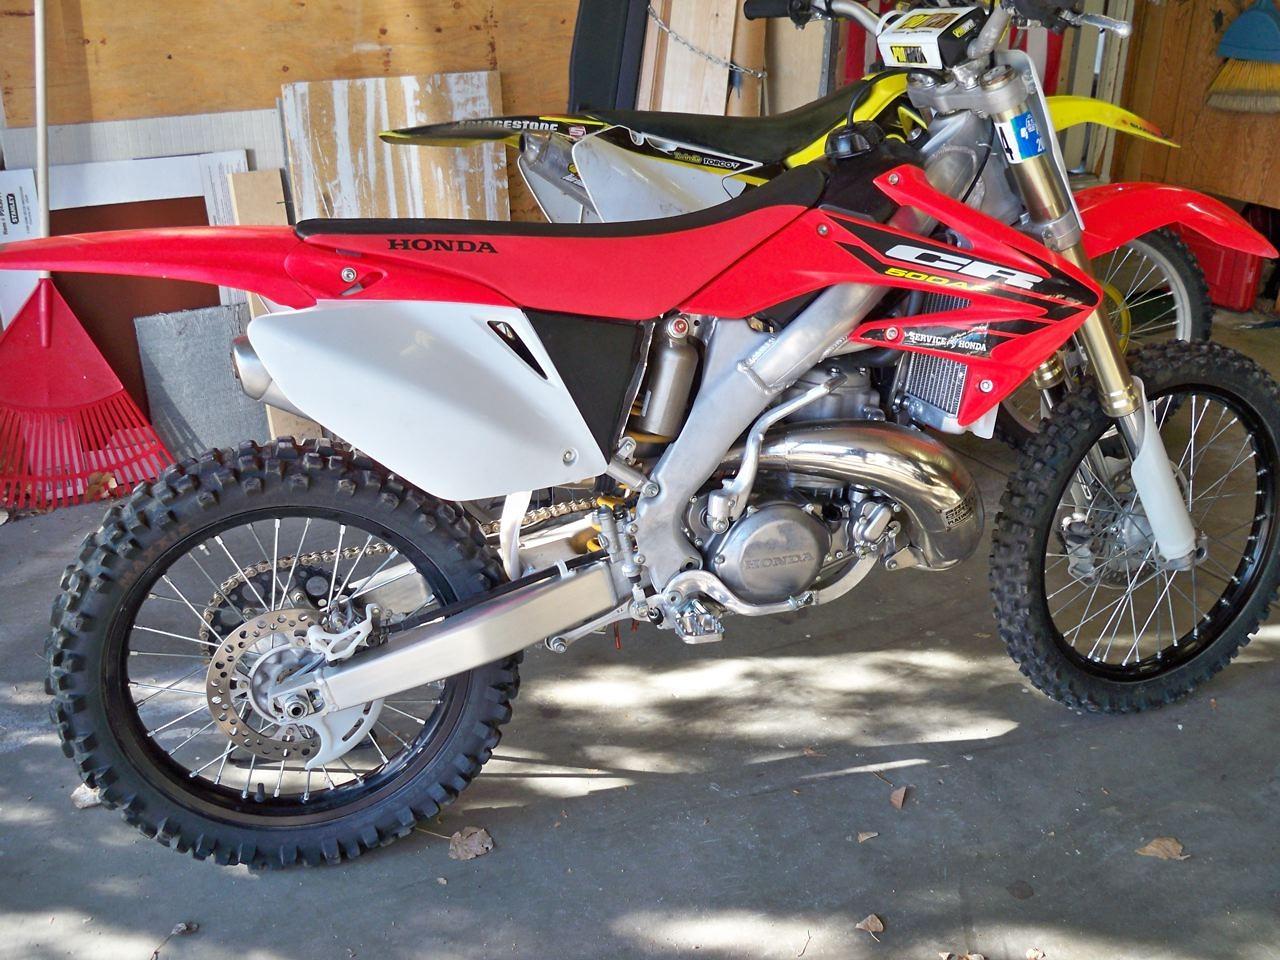 2005 Service Honda CR500AF - jtomasik - Motocross Pictures - Vital MX